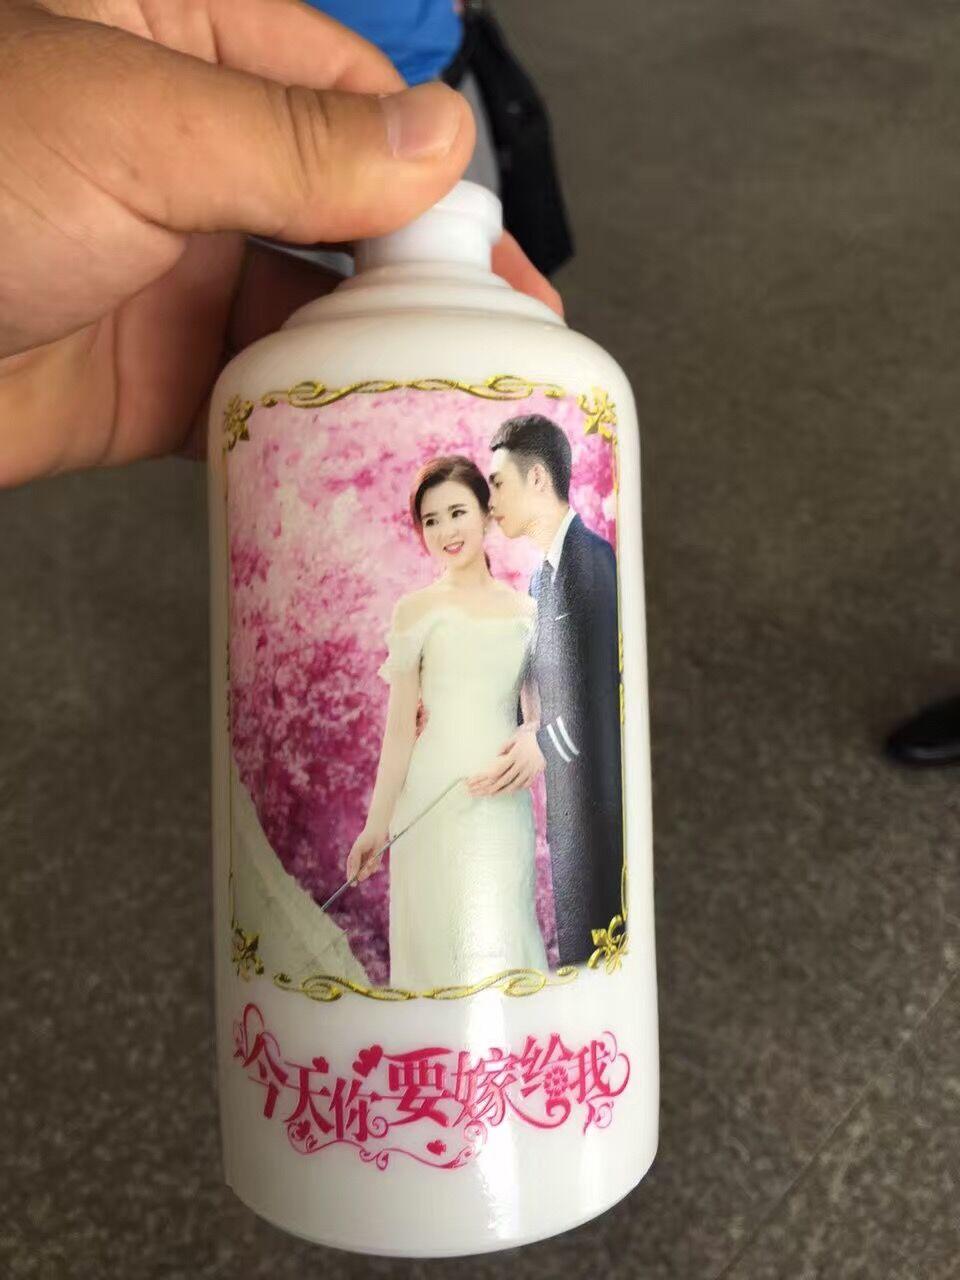 酒瓶打印机 酒瓶打印机厂家 深龙杰打印机行业15年